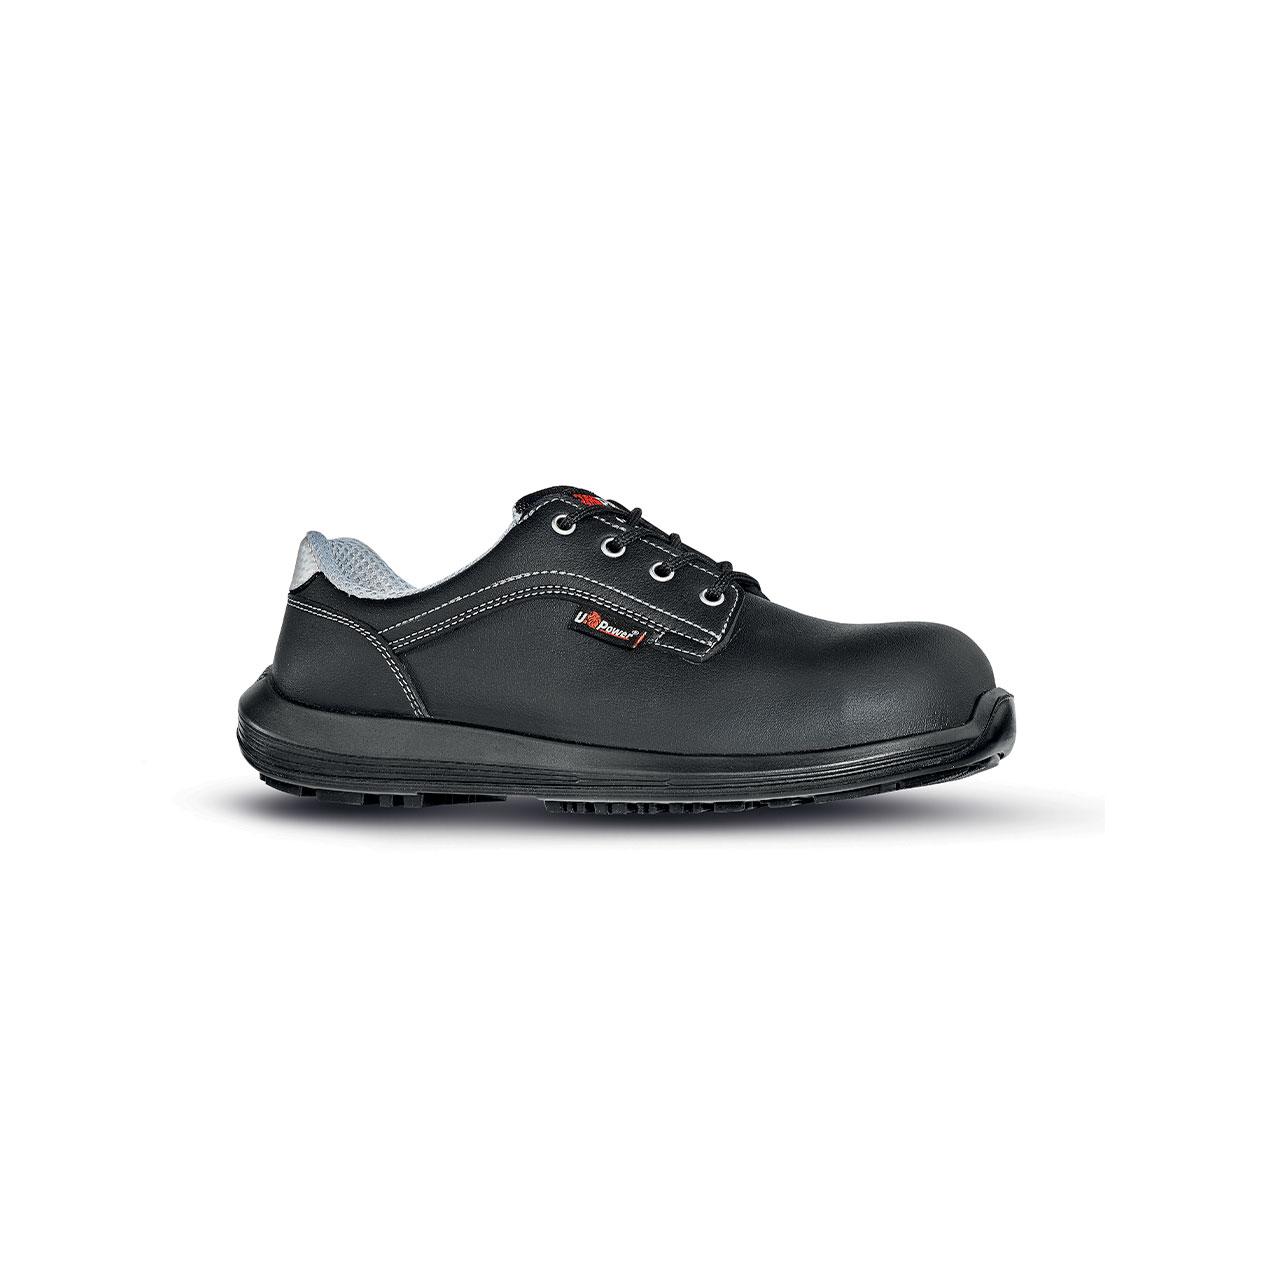 scarpa antinfortunistica upower modello oxford linea USPECIAL vista laterale